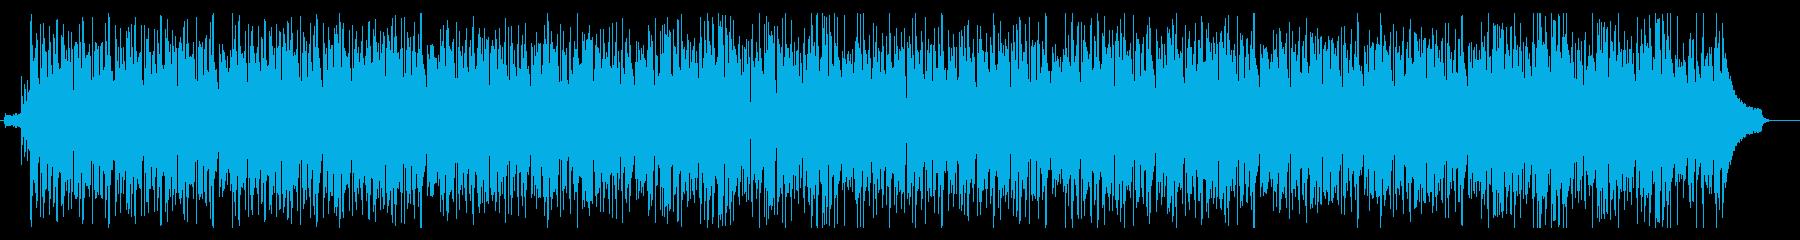 琴と尺八×ボサノバ!和風BGM 2の再生済みの波形